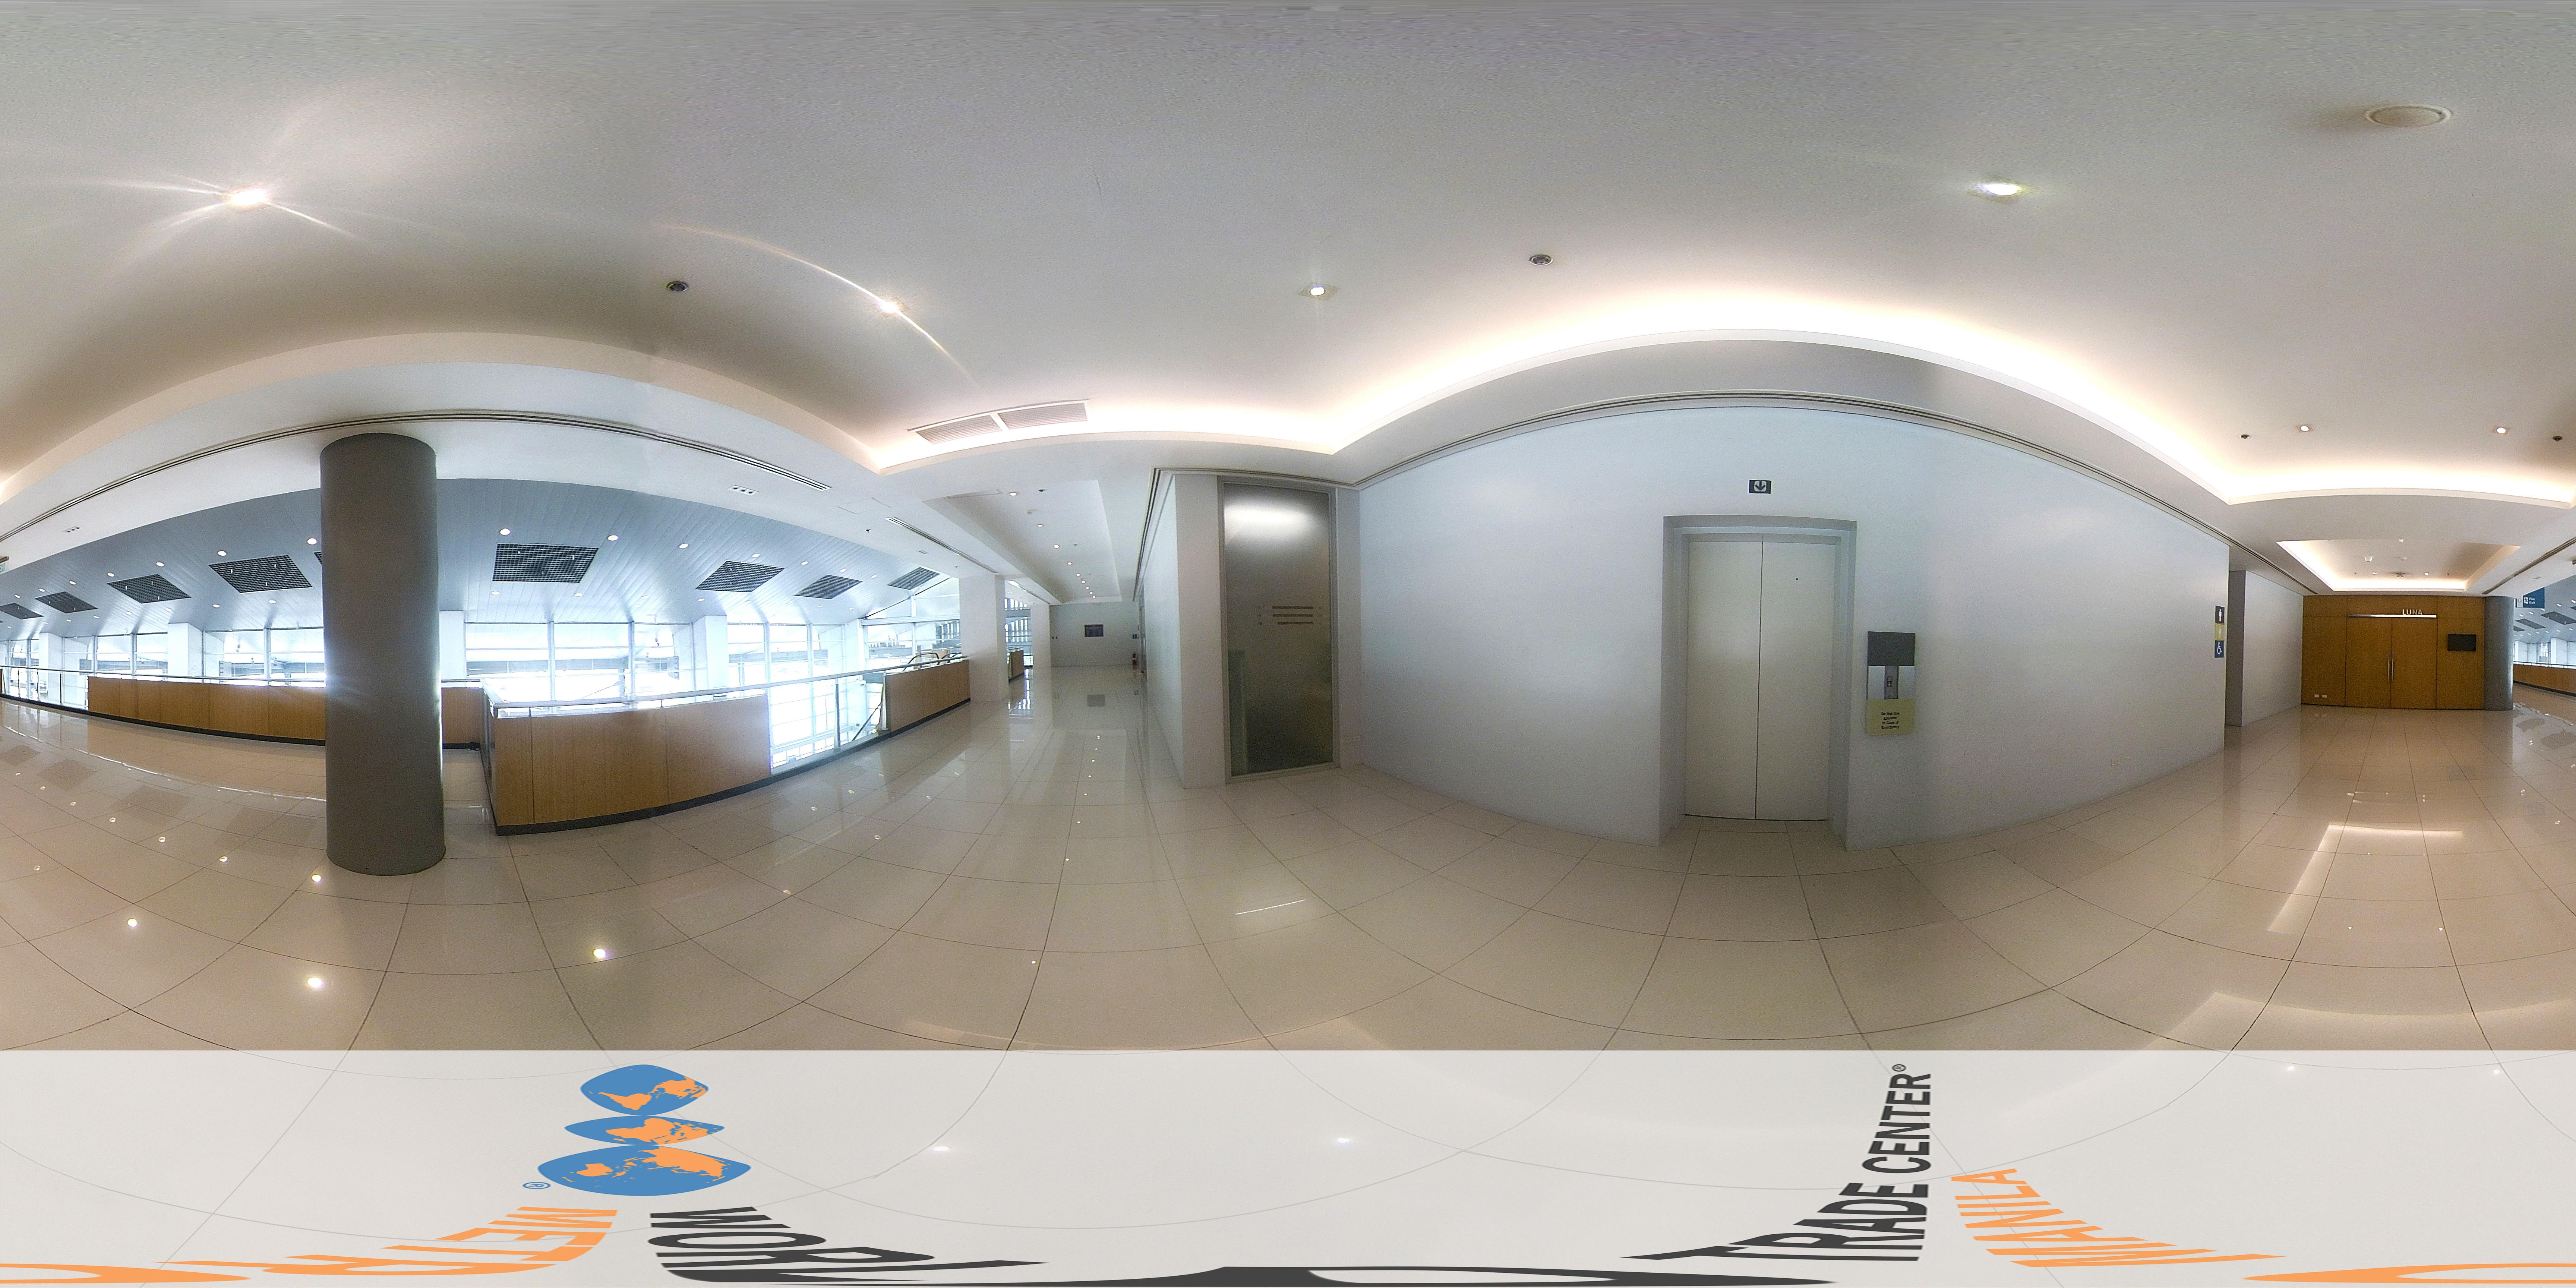 Administration fice Mezzanine Lobby 3 Mezzanine Lobby 4